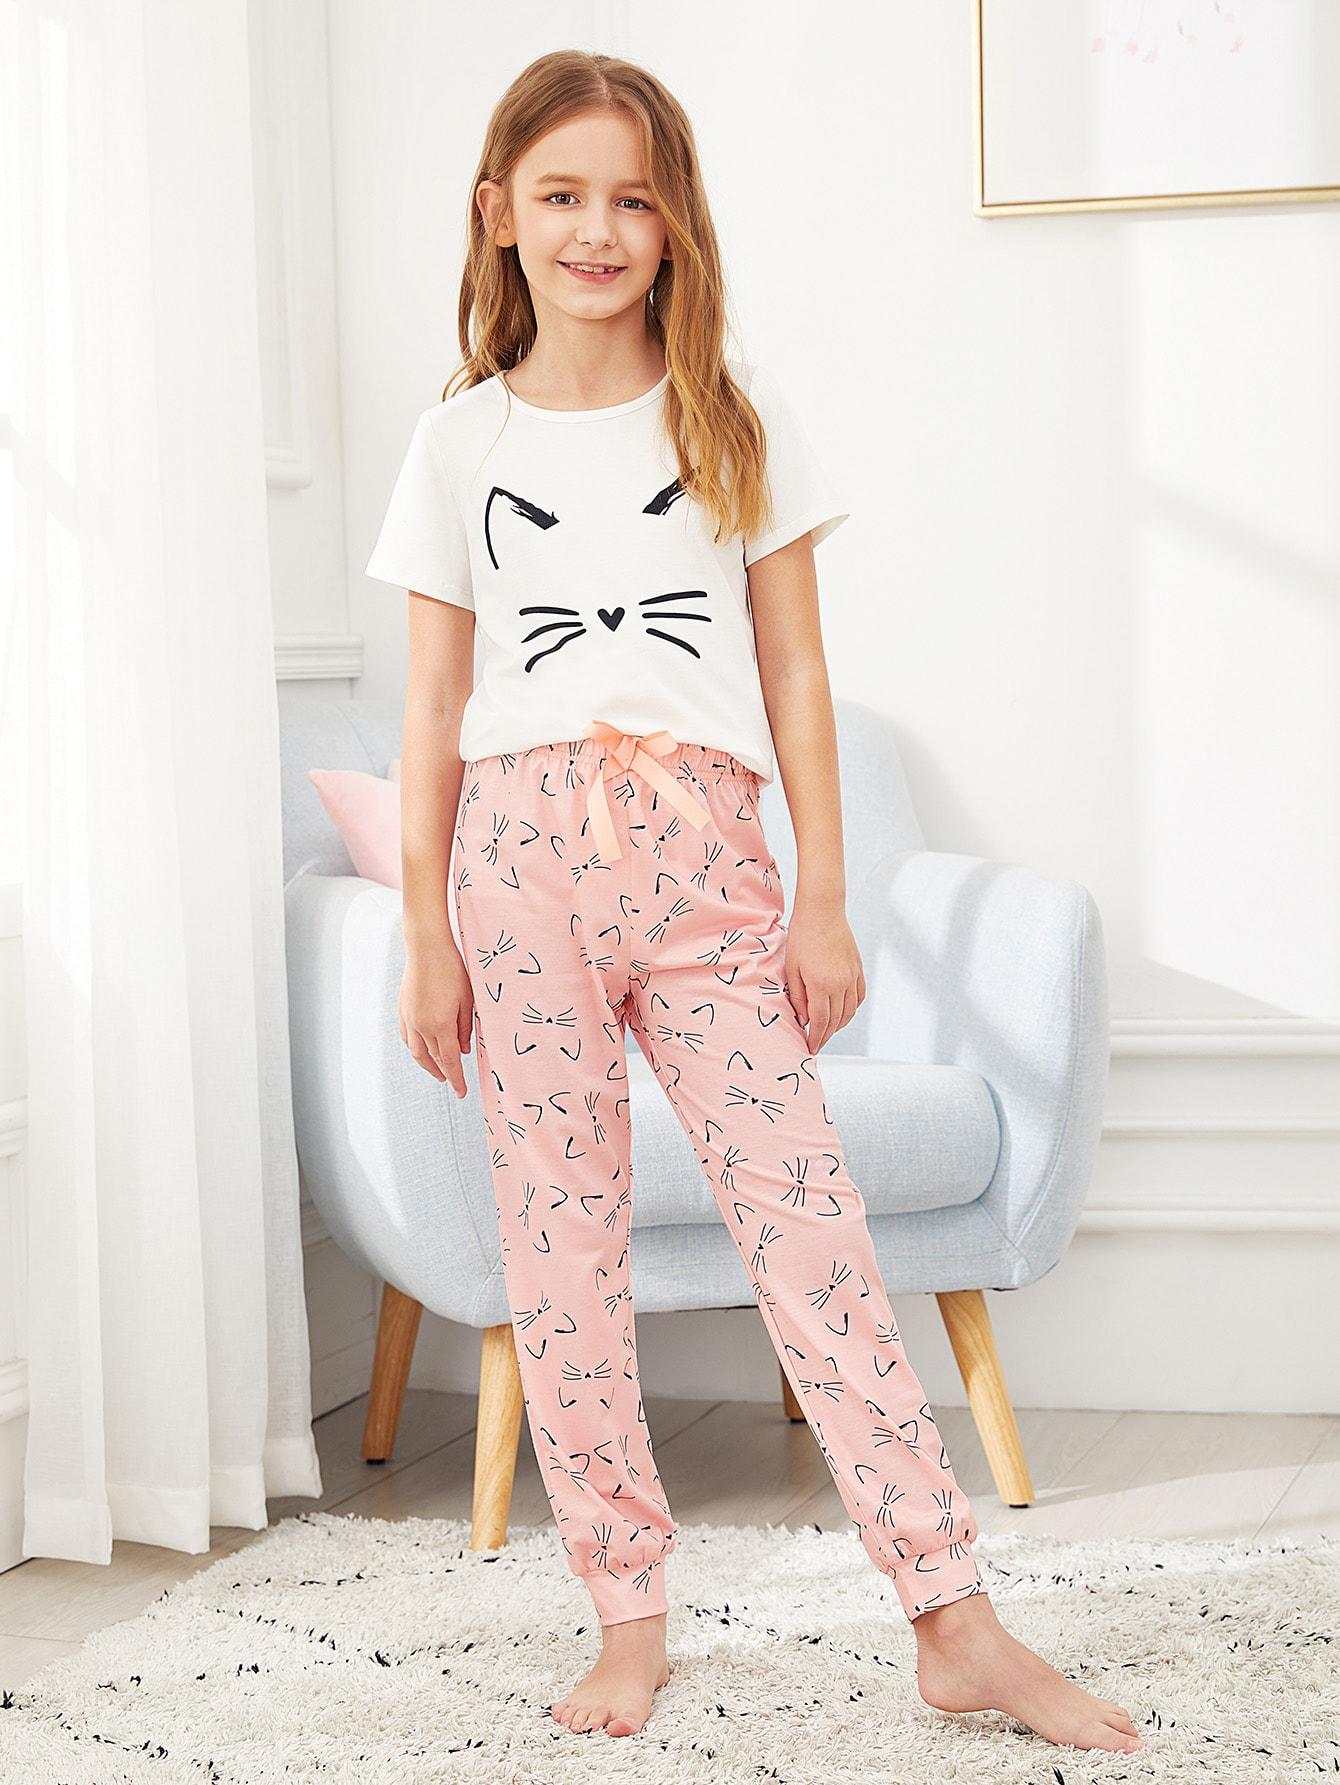 Пижамный комплект футболка с графическим принтом и брюки для девочек от SheIn